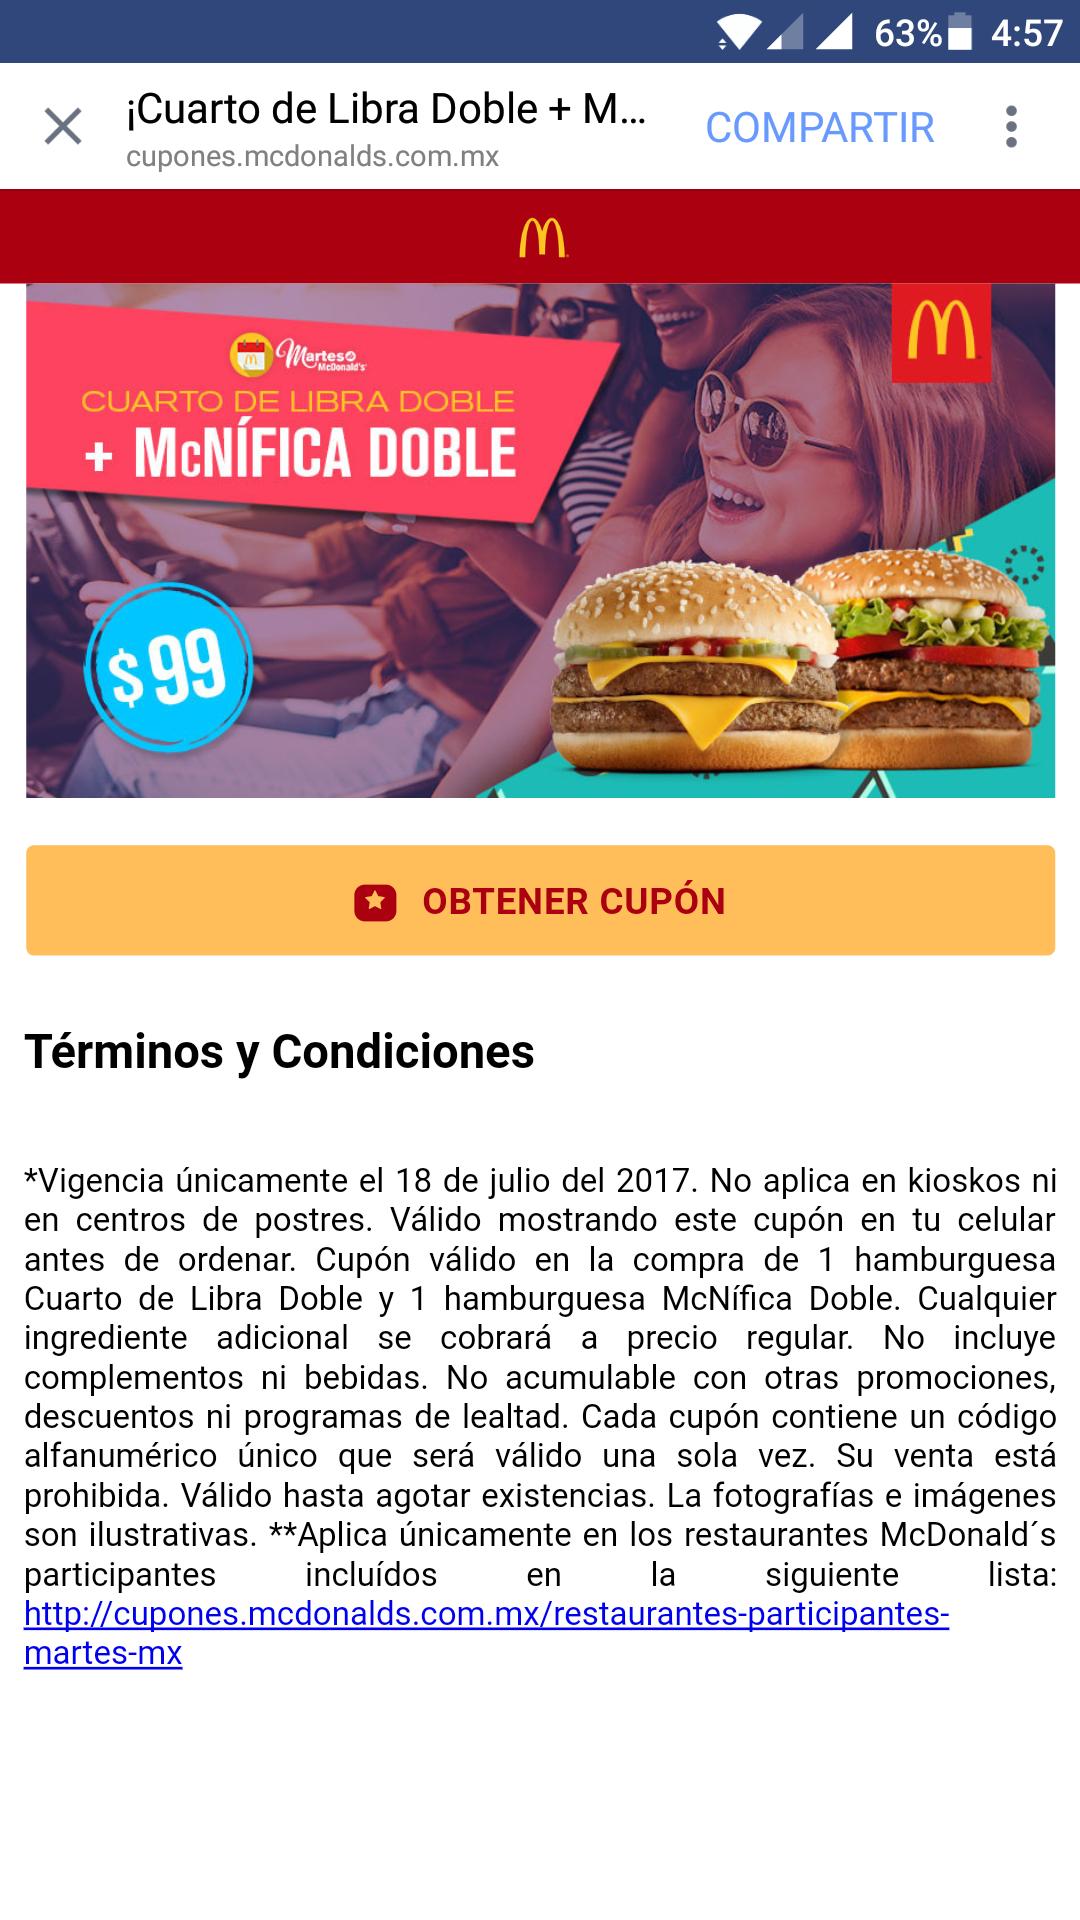 McDonald's: Mcnifica doble + cuarto de libra doble por 99 morlacos